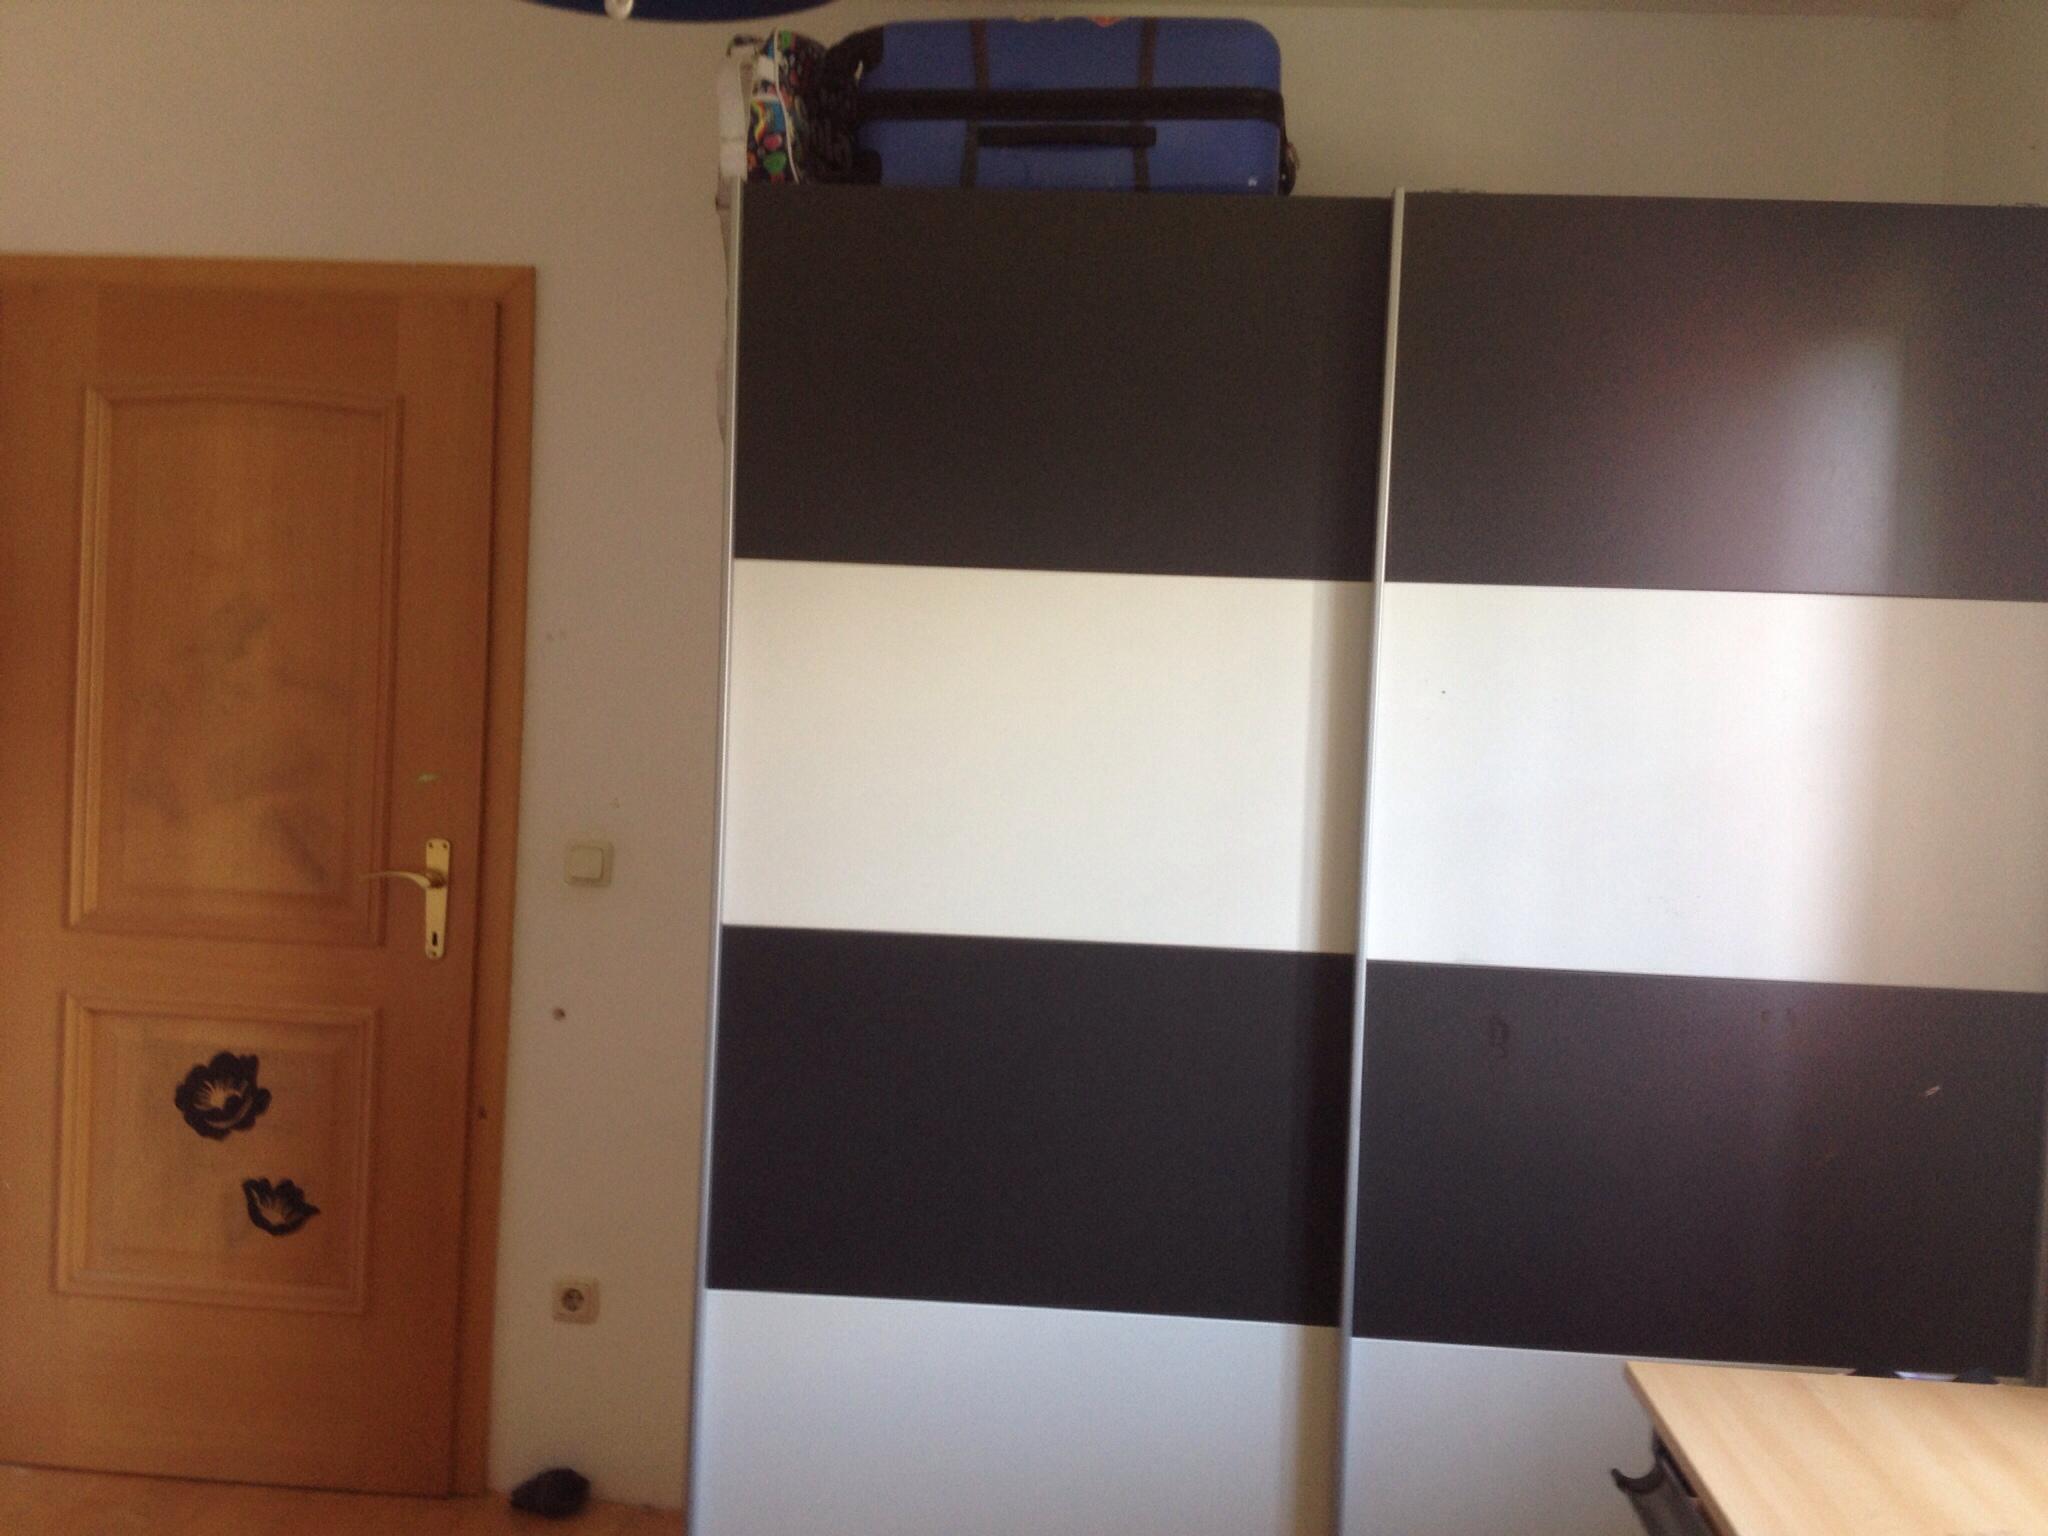 Möbel Mit Stoff Aufpeppen: Der patchwork stoff wird ihr ...